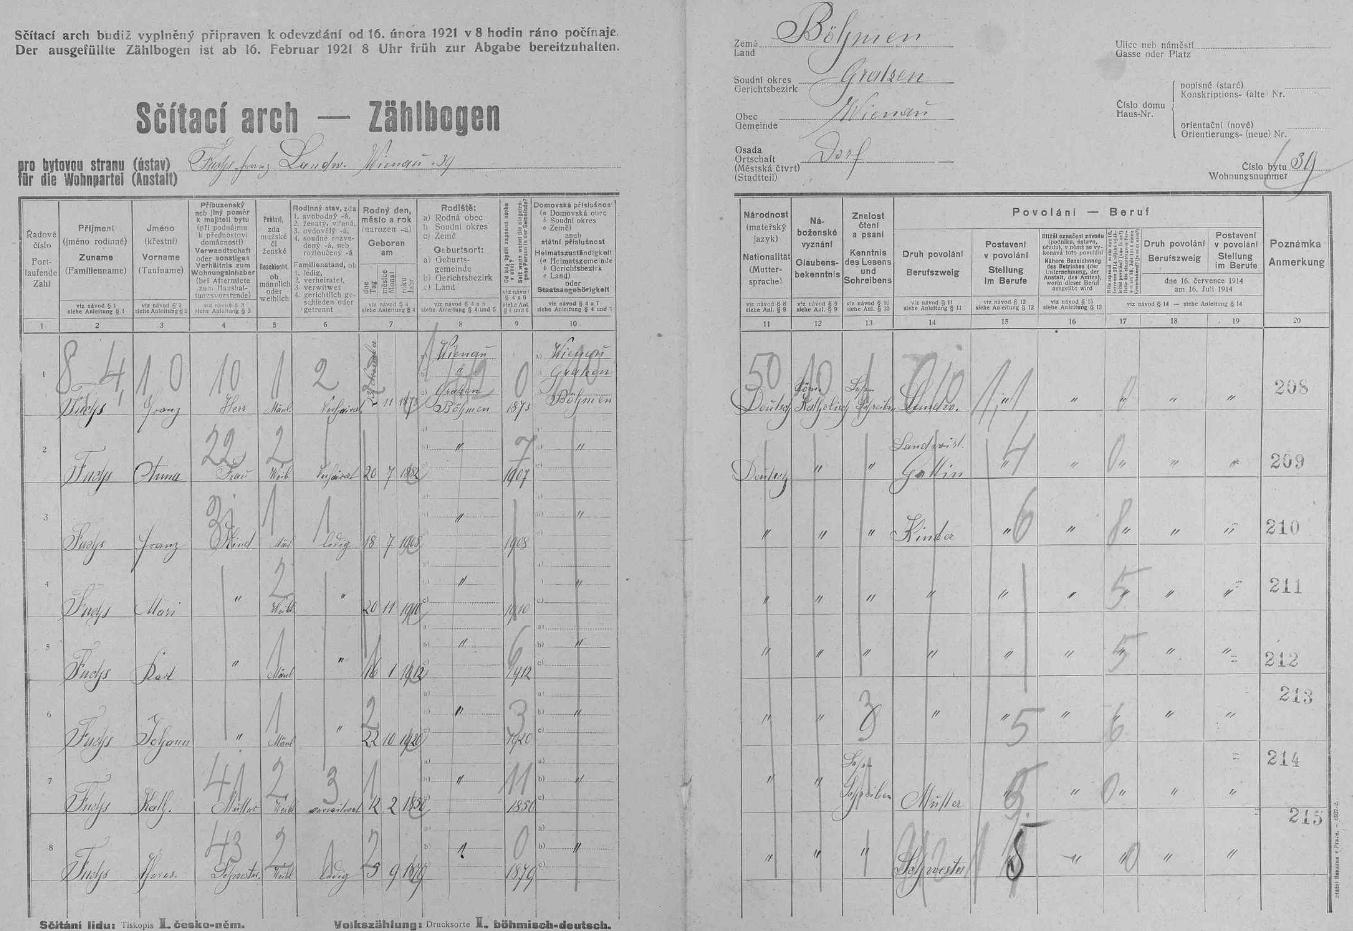 Arch sčítání lidu z roku 1921 pro dům čp. 39 ve Štiptoni i s ním